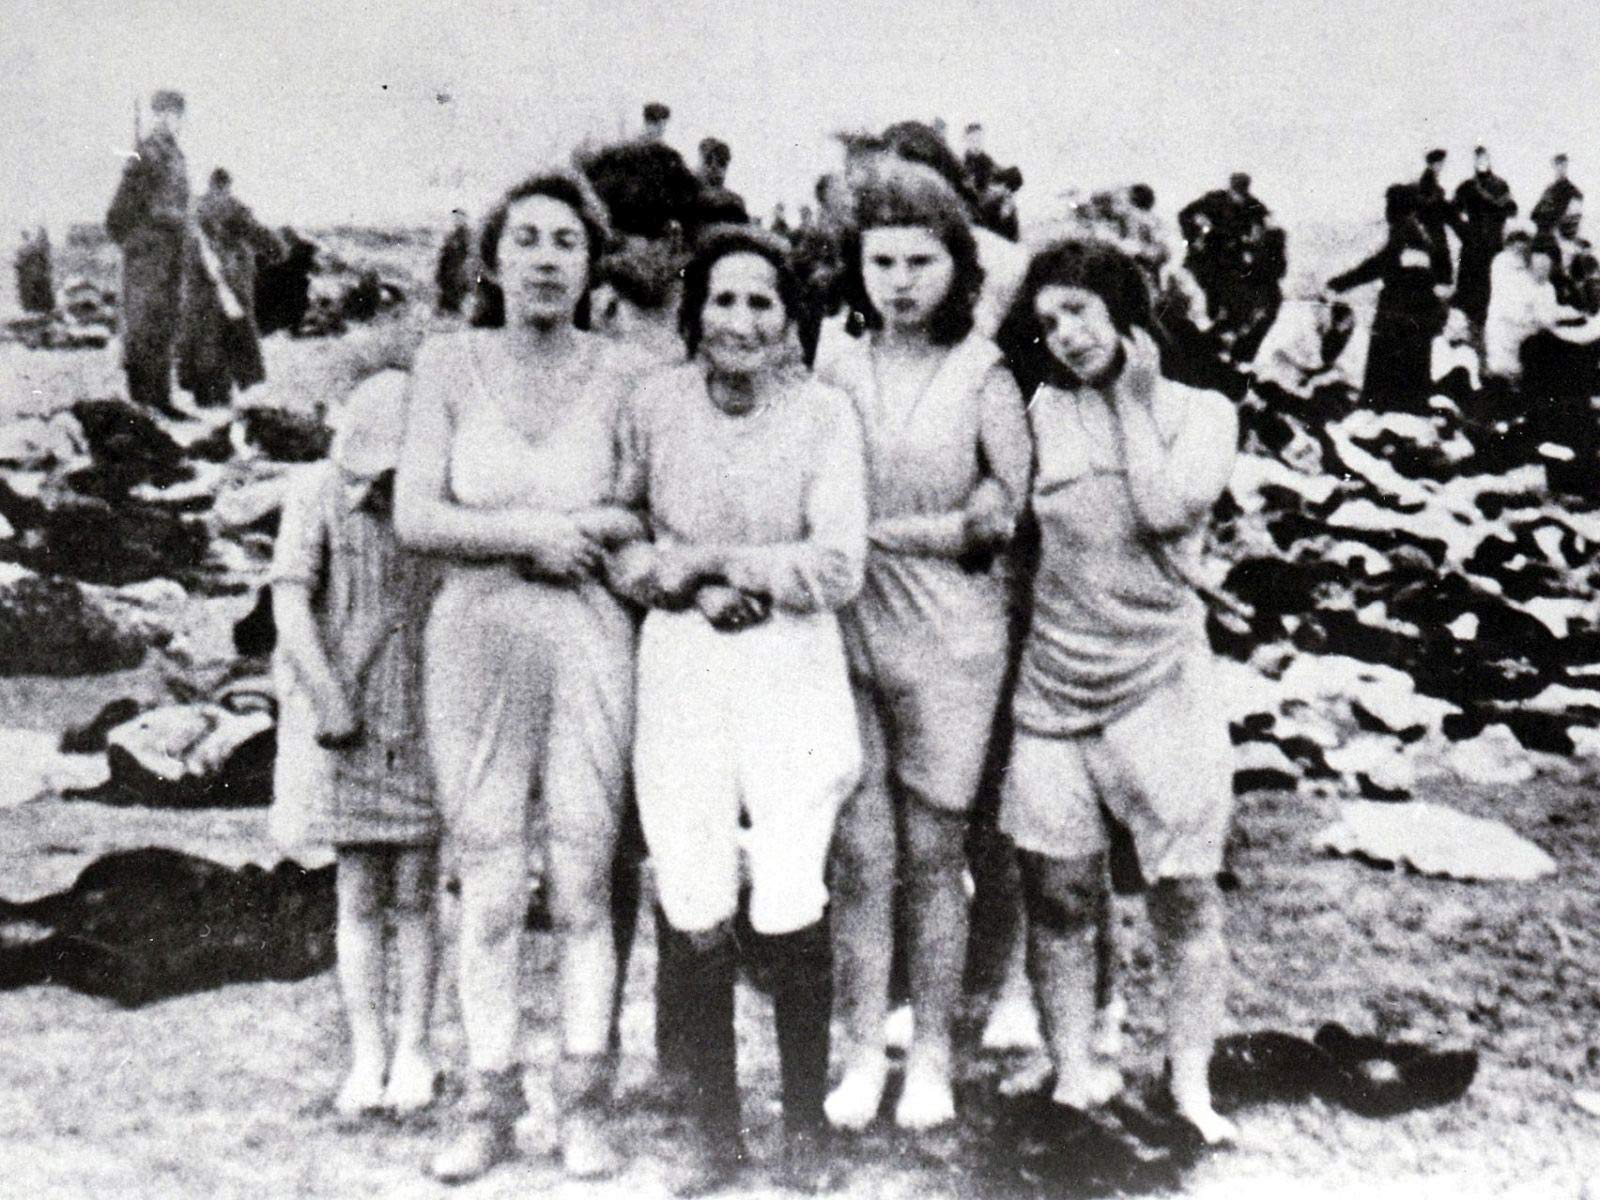 理由 虐殺 ユダヤ 人